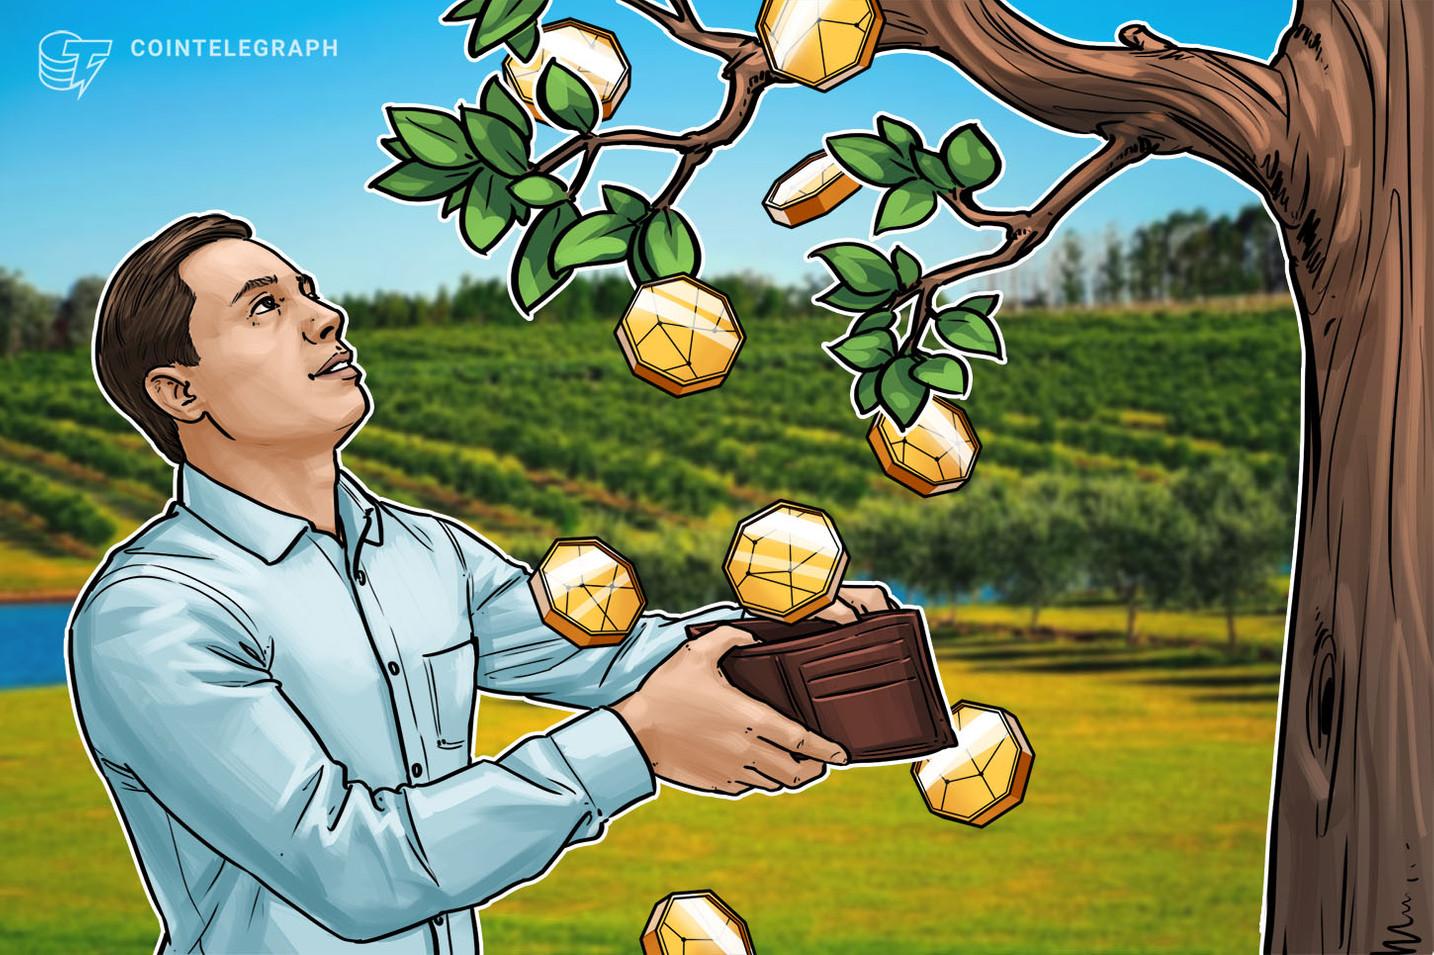 中国のビットコイン億万長者 「仮想通貨 春の時代は2020年まで来ない」